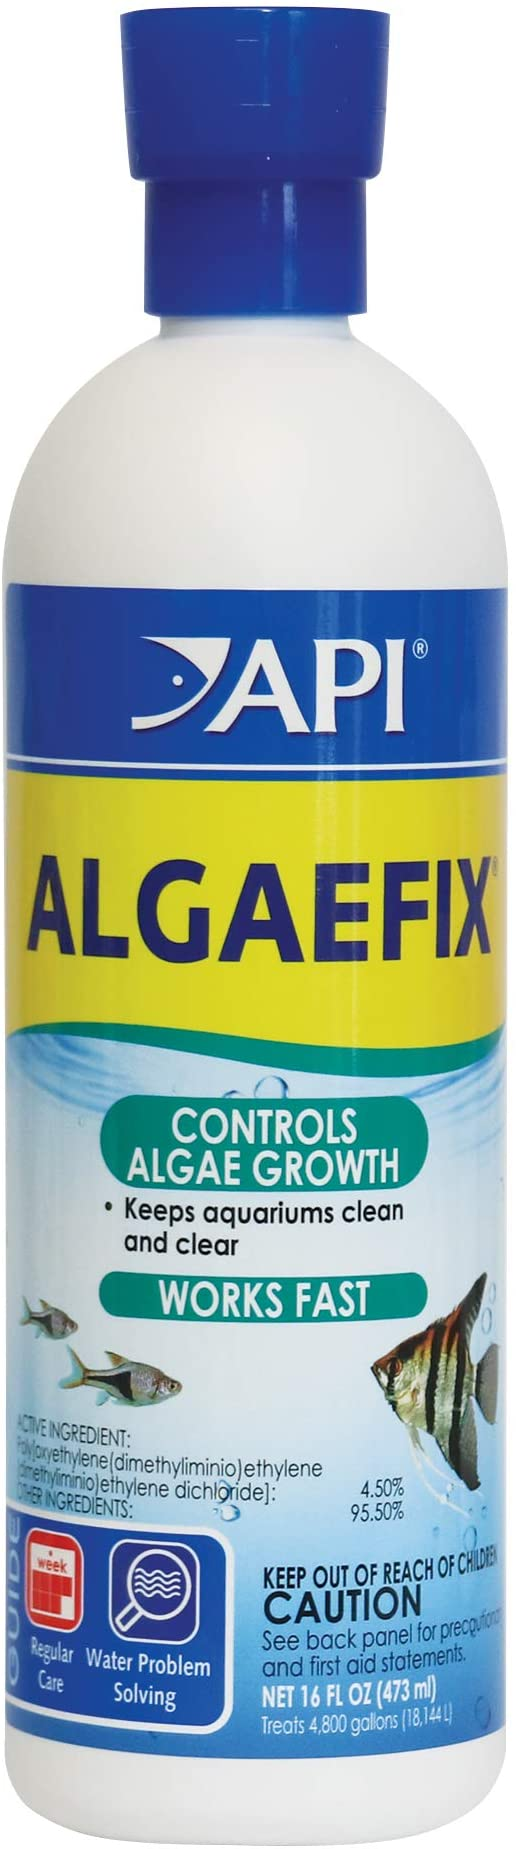 API 87E product image 1